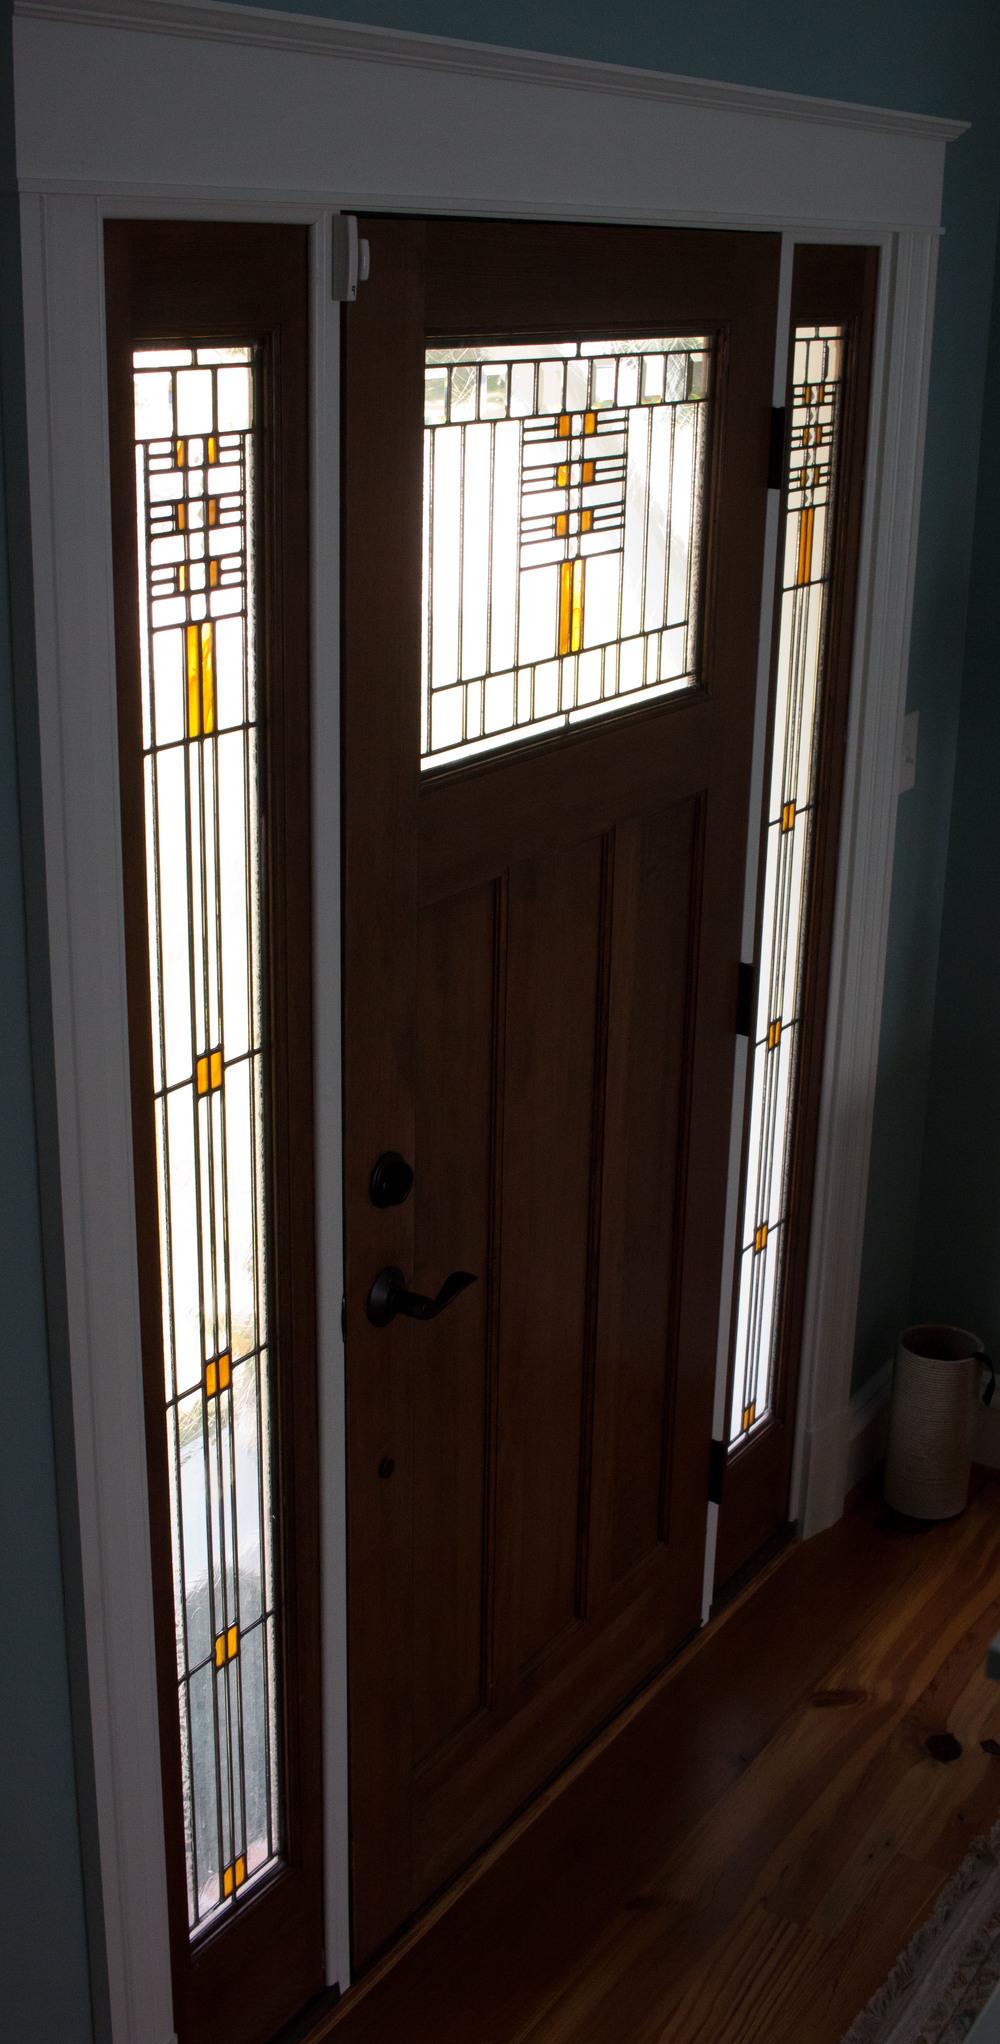 stainedglassdoor.jpg